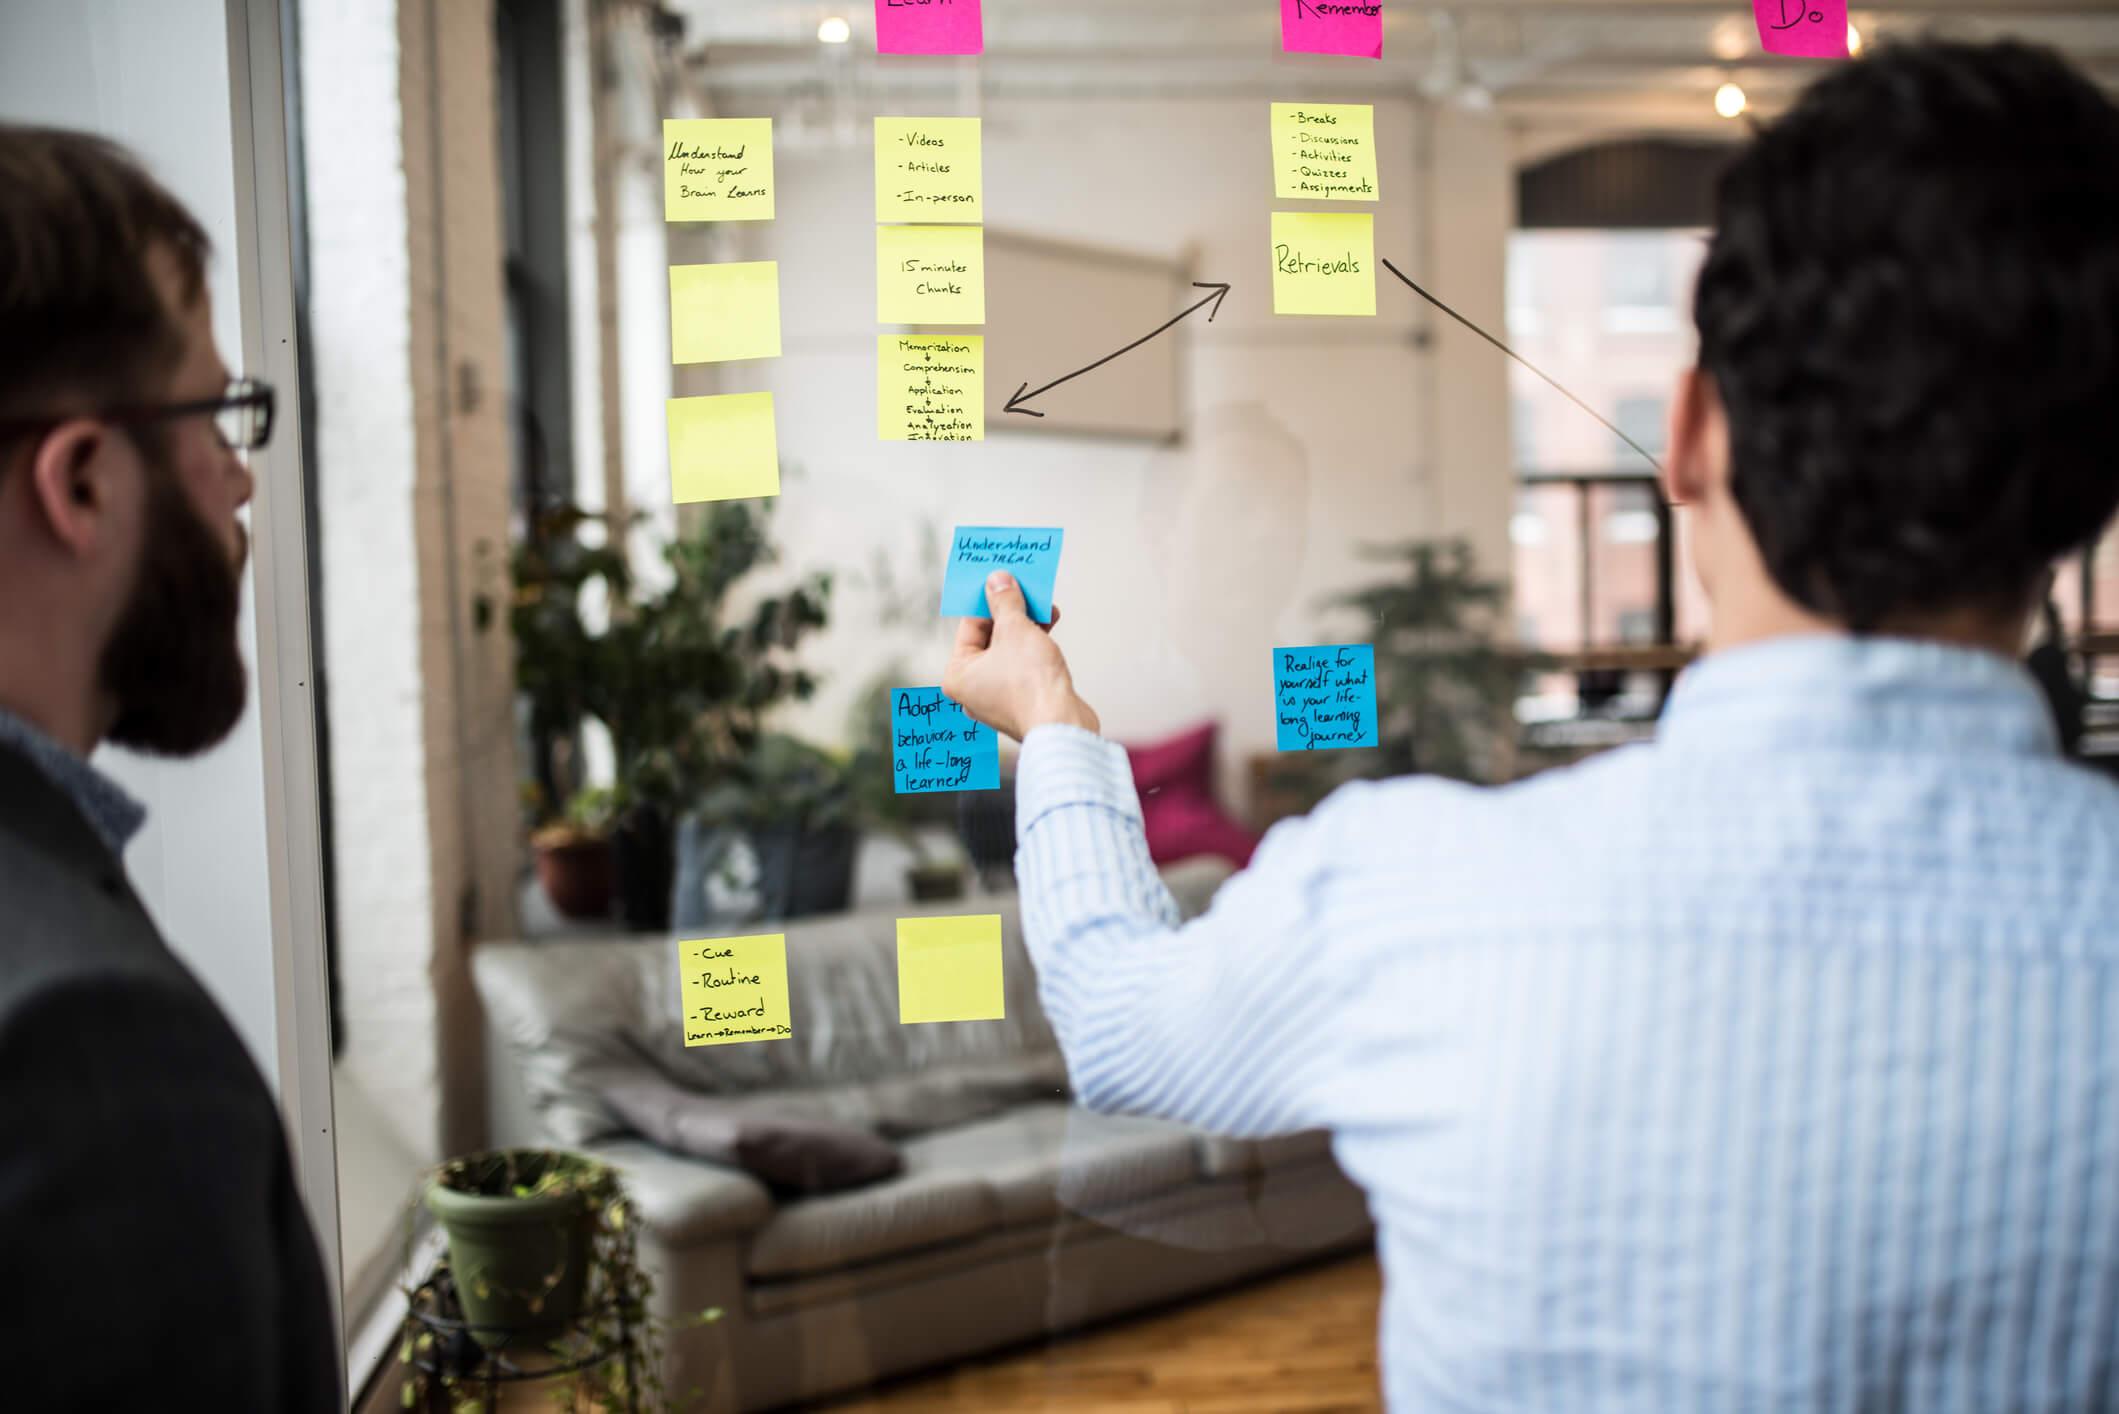 (x) ferramentas de controle de qualidade para aplicar no seu negócio